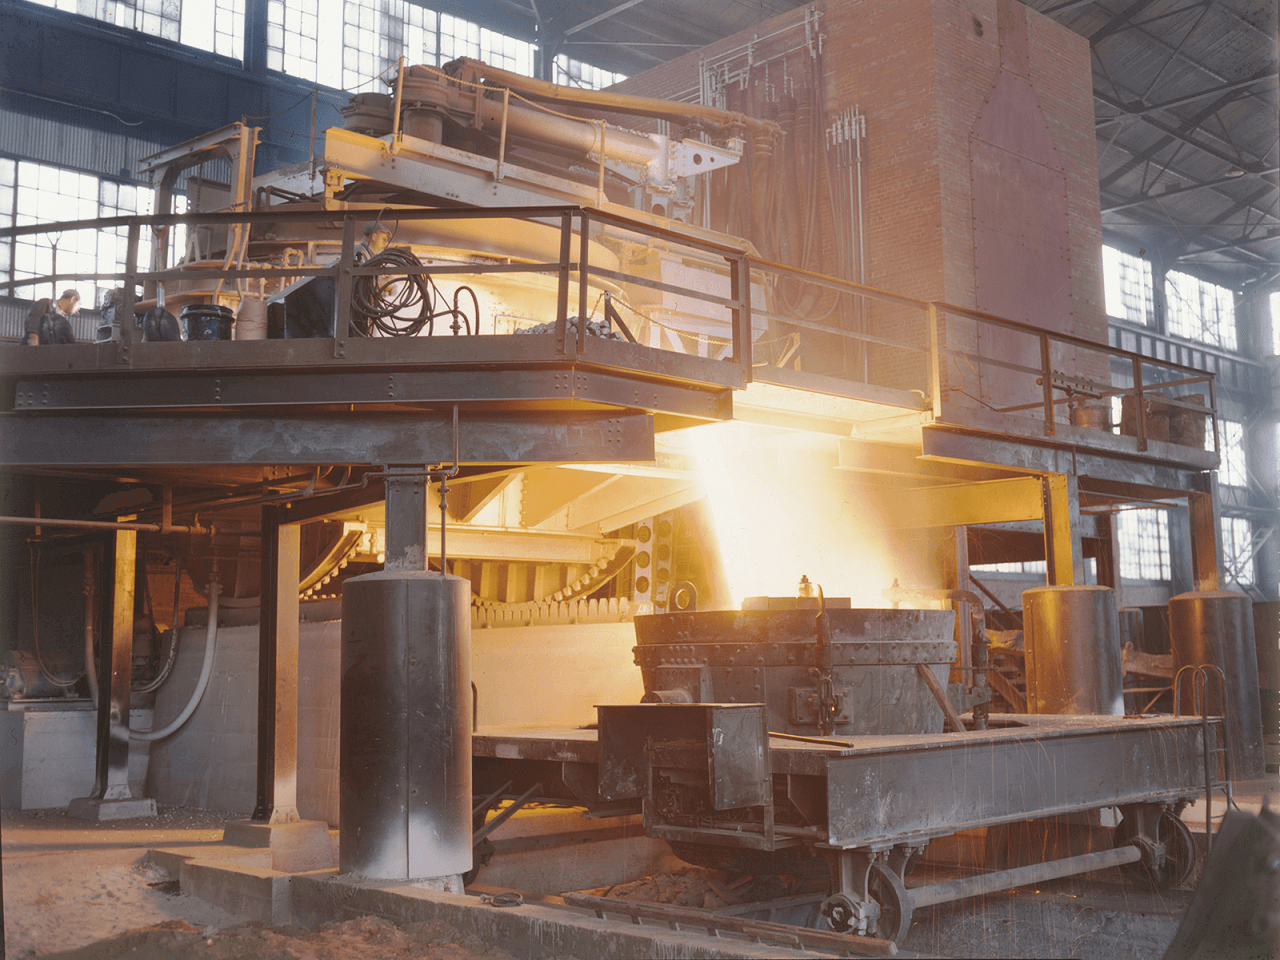 AB Bazı Çelik Ürünlerindeki Korunma Önlemini 3 Yıl Daha Uzattı